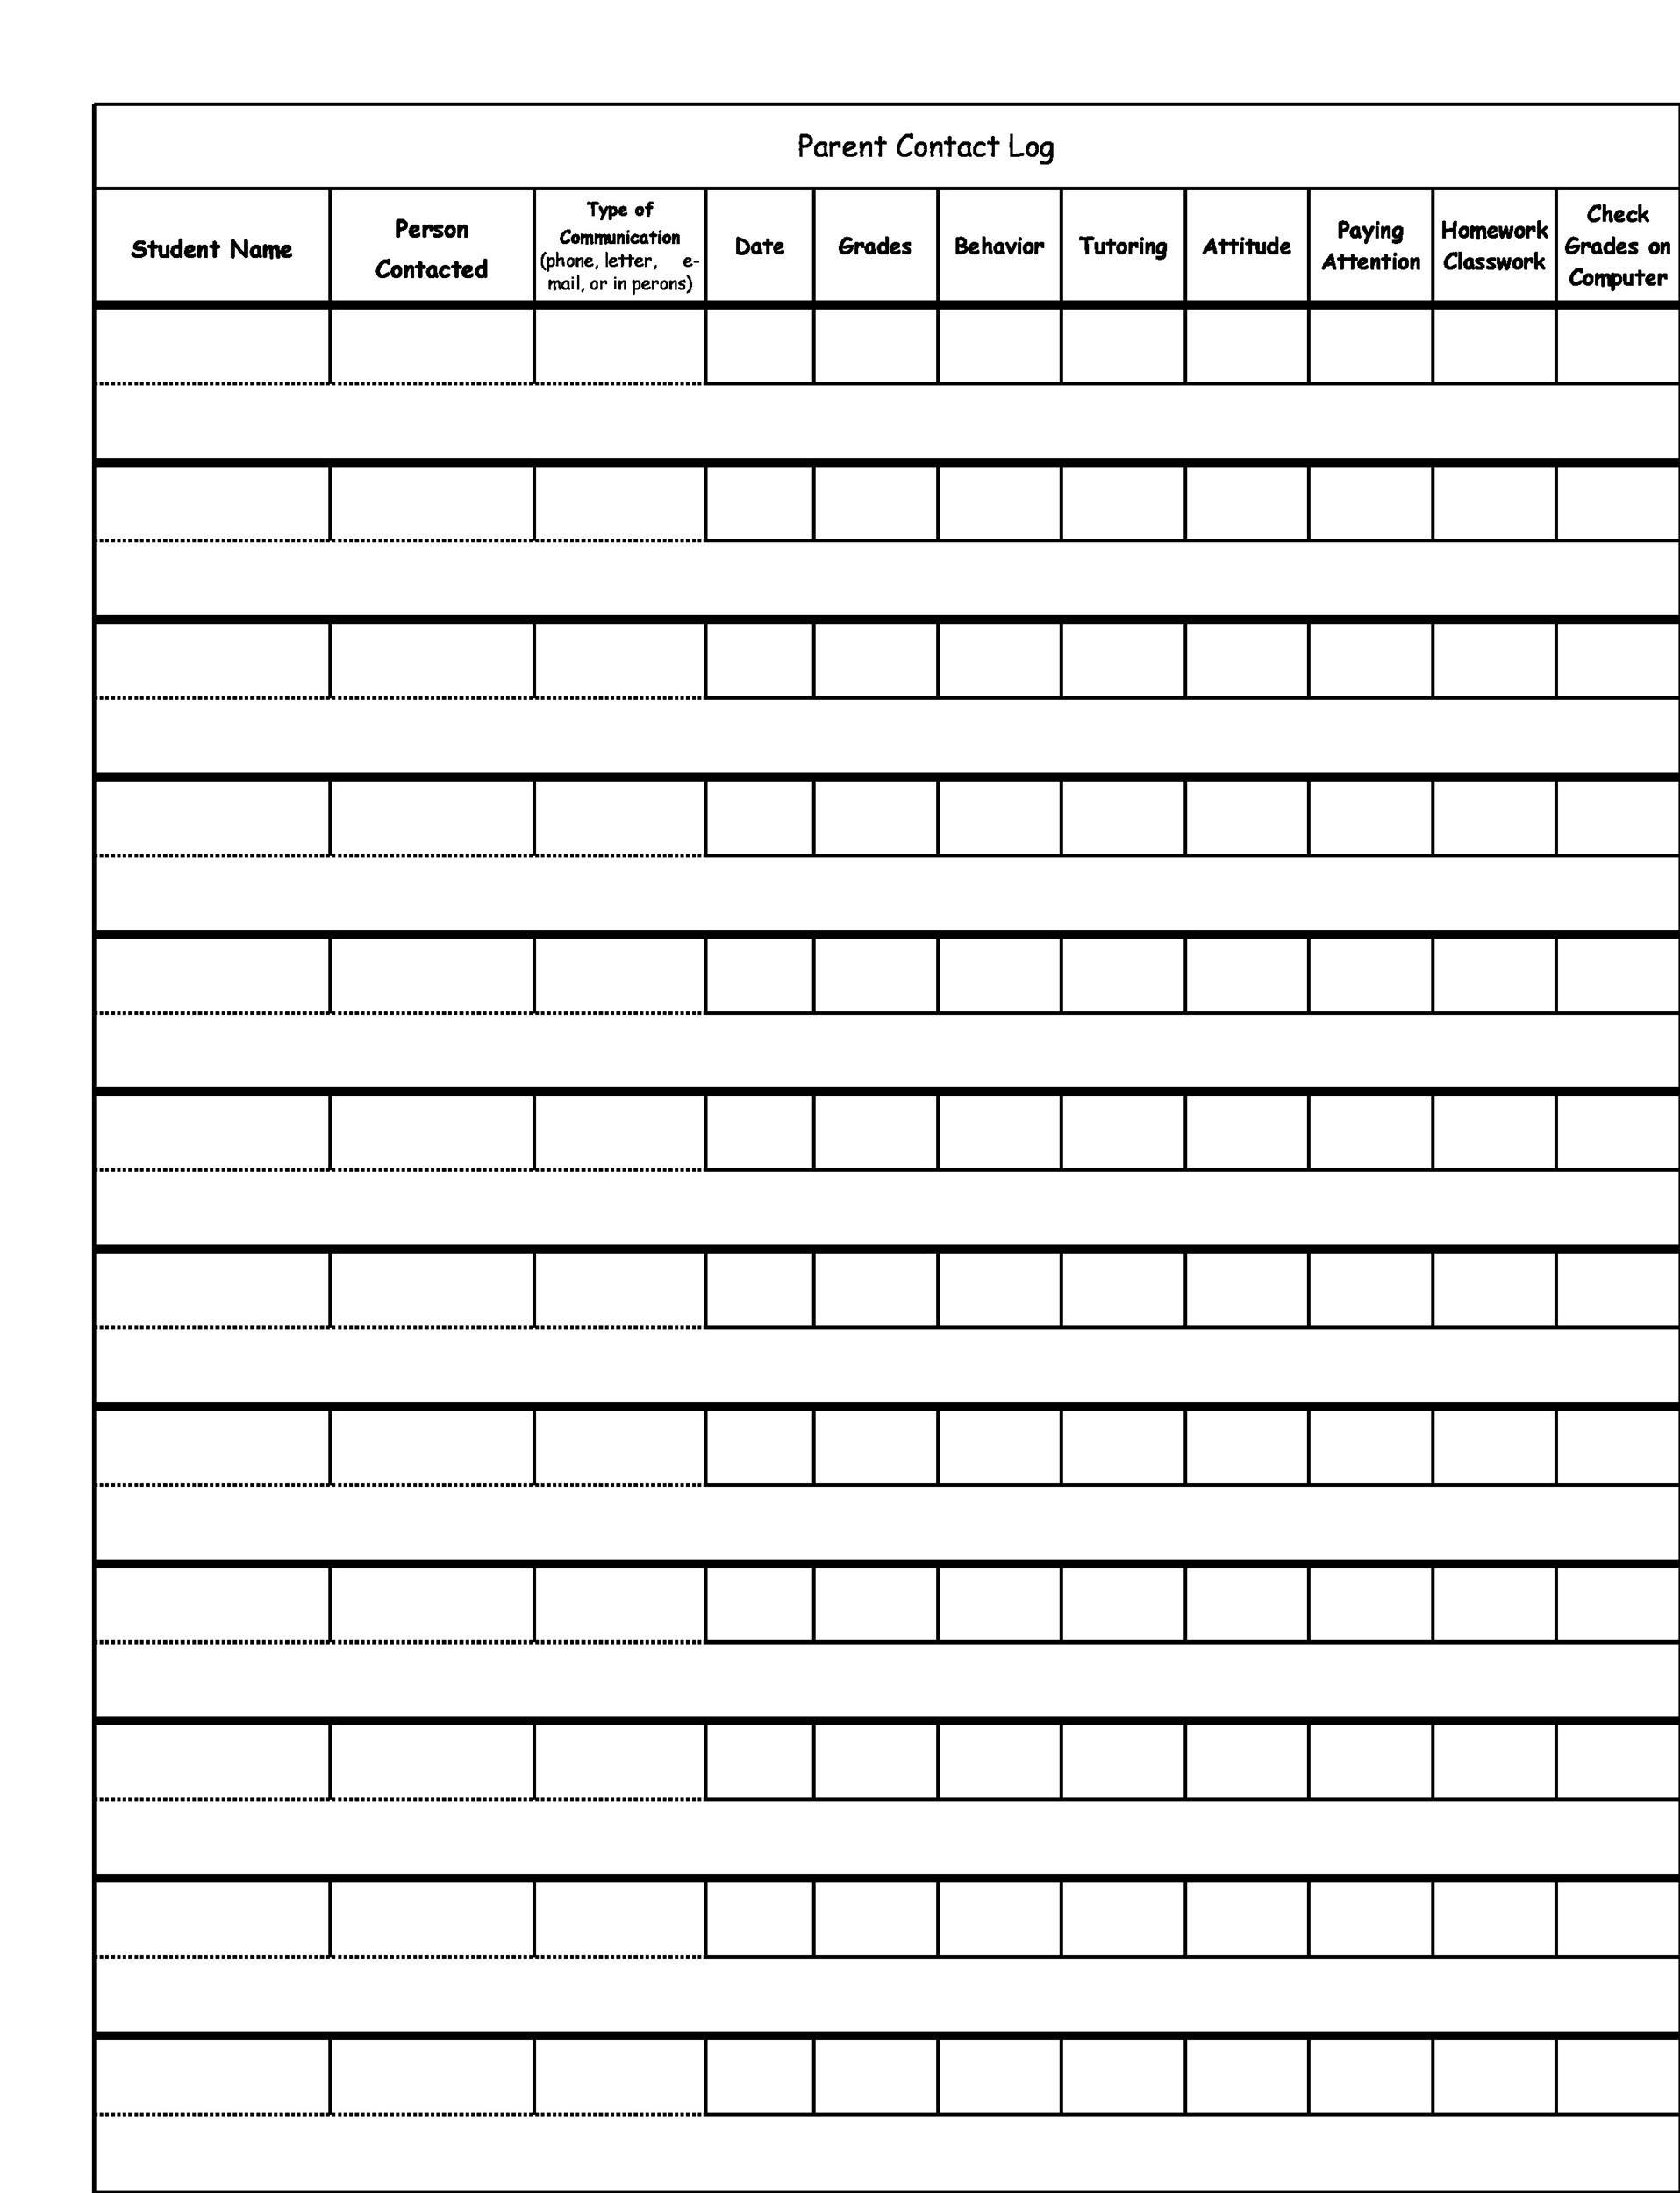 Free parent contact log 44